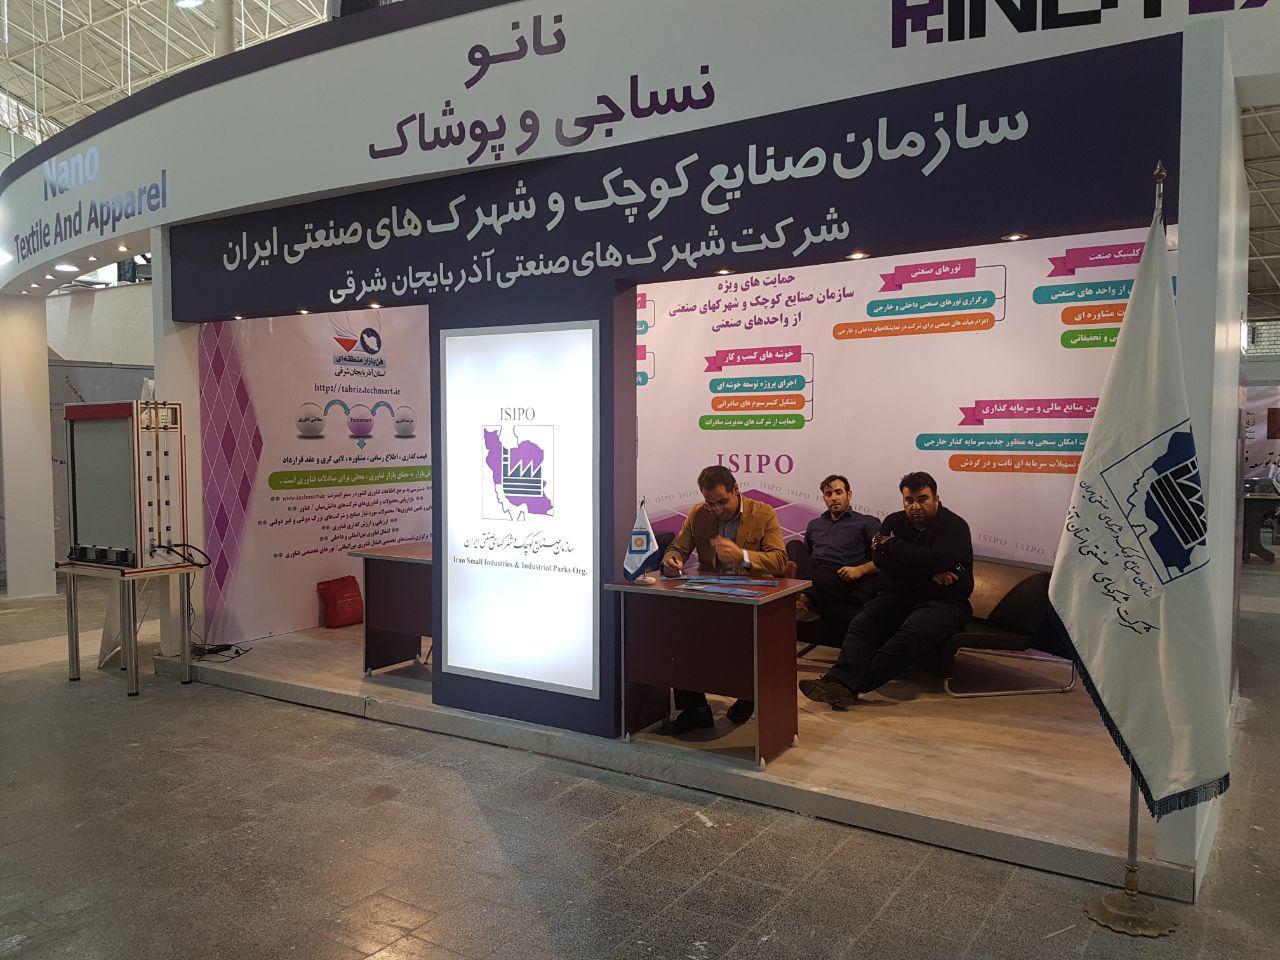 معرفی سازمان صنایع کوچک و شهرک های صنعتی ایران در نمایشگاه نوآوری و فناوری ربع رشیدی